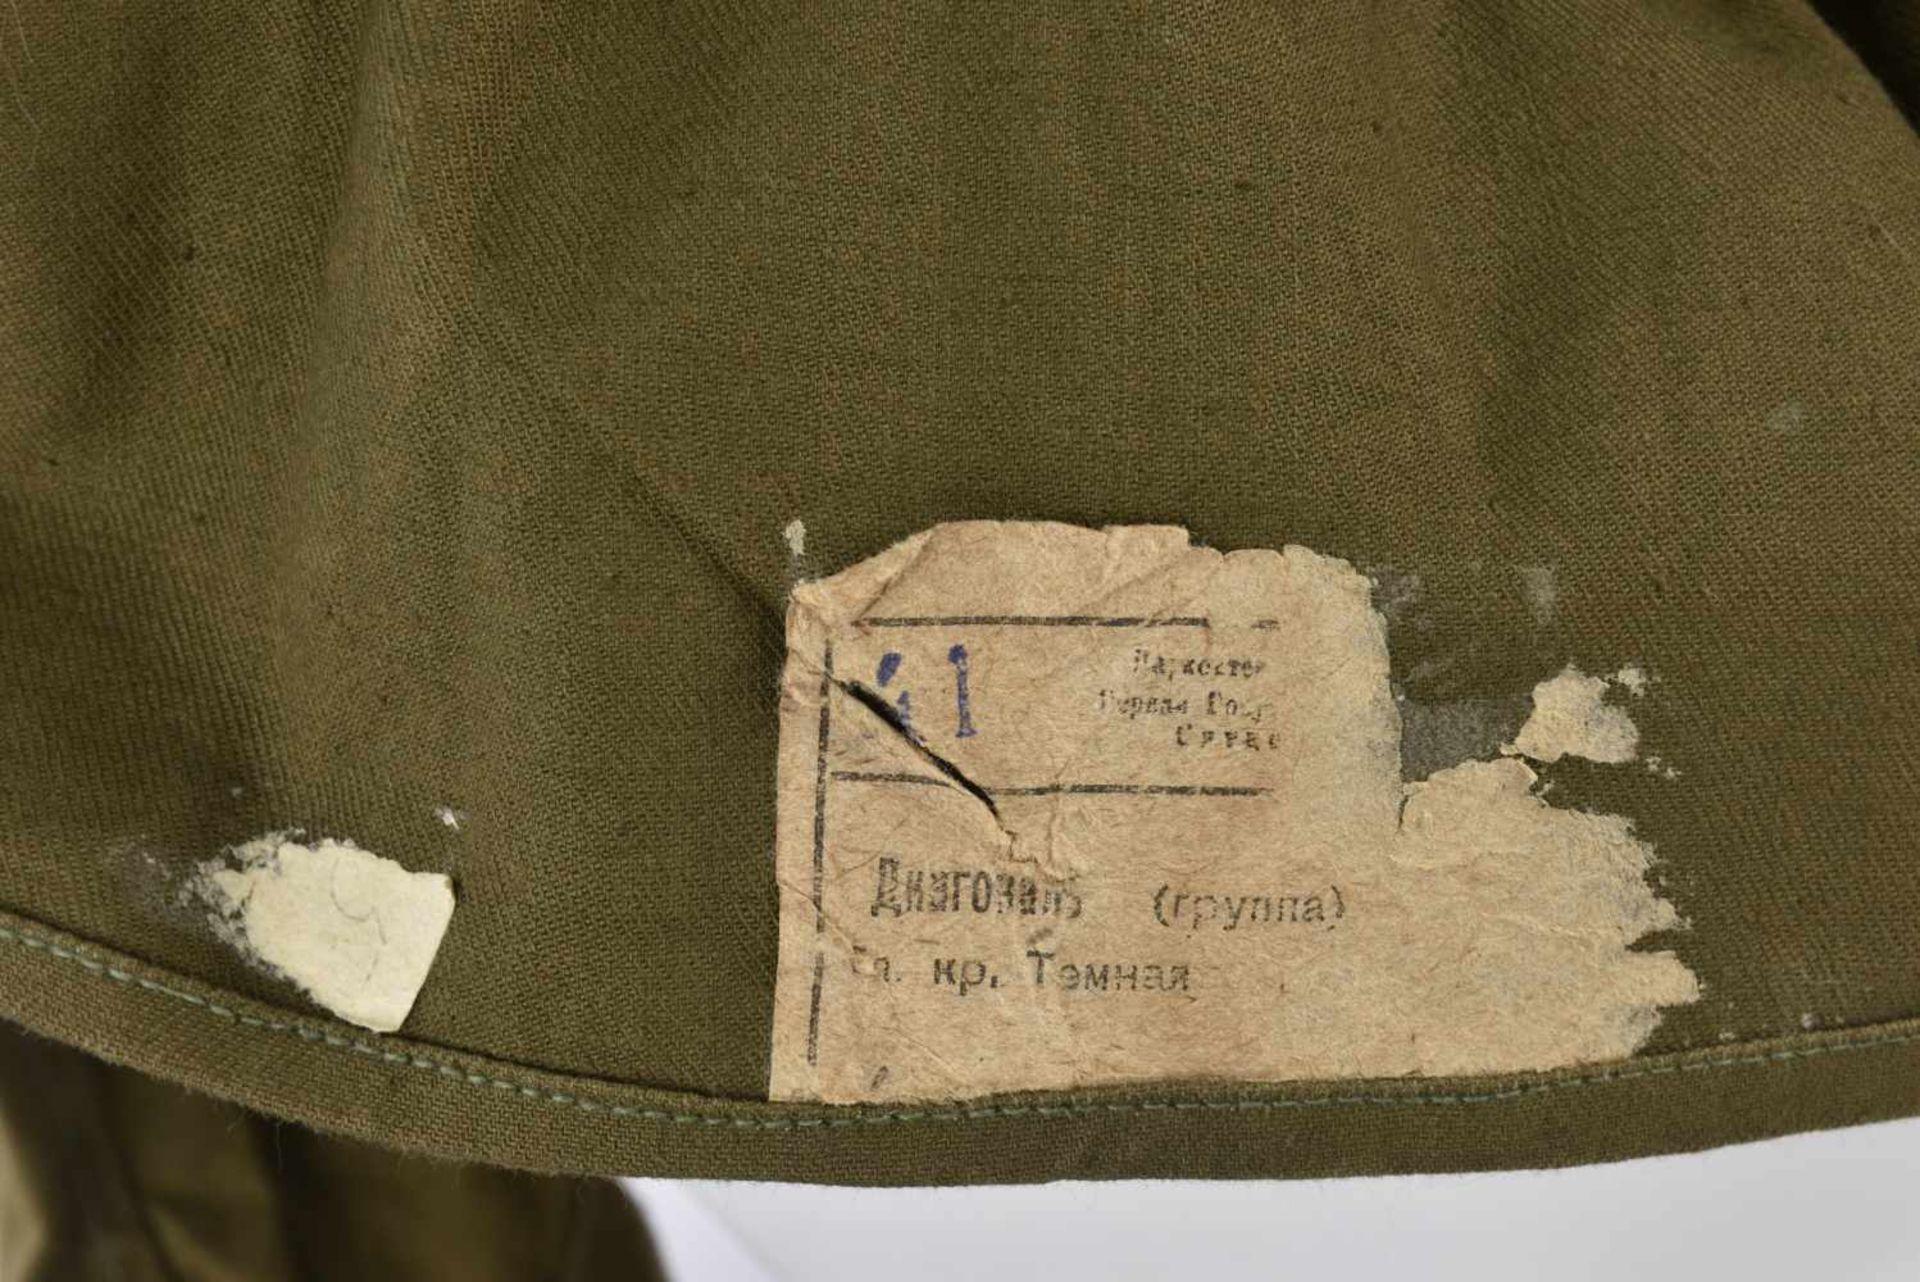 Gymnasterka M.43 modèle sans poches, avec pattes de col d'un soldat de l'artillerie. Très belle et - Bild 4 aus 4